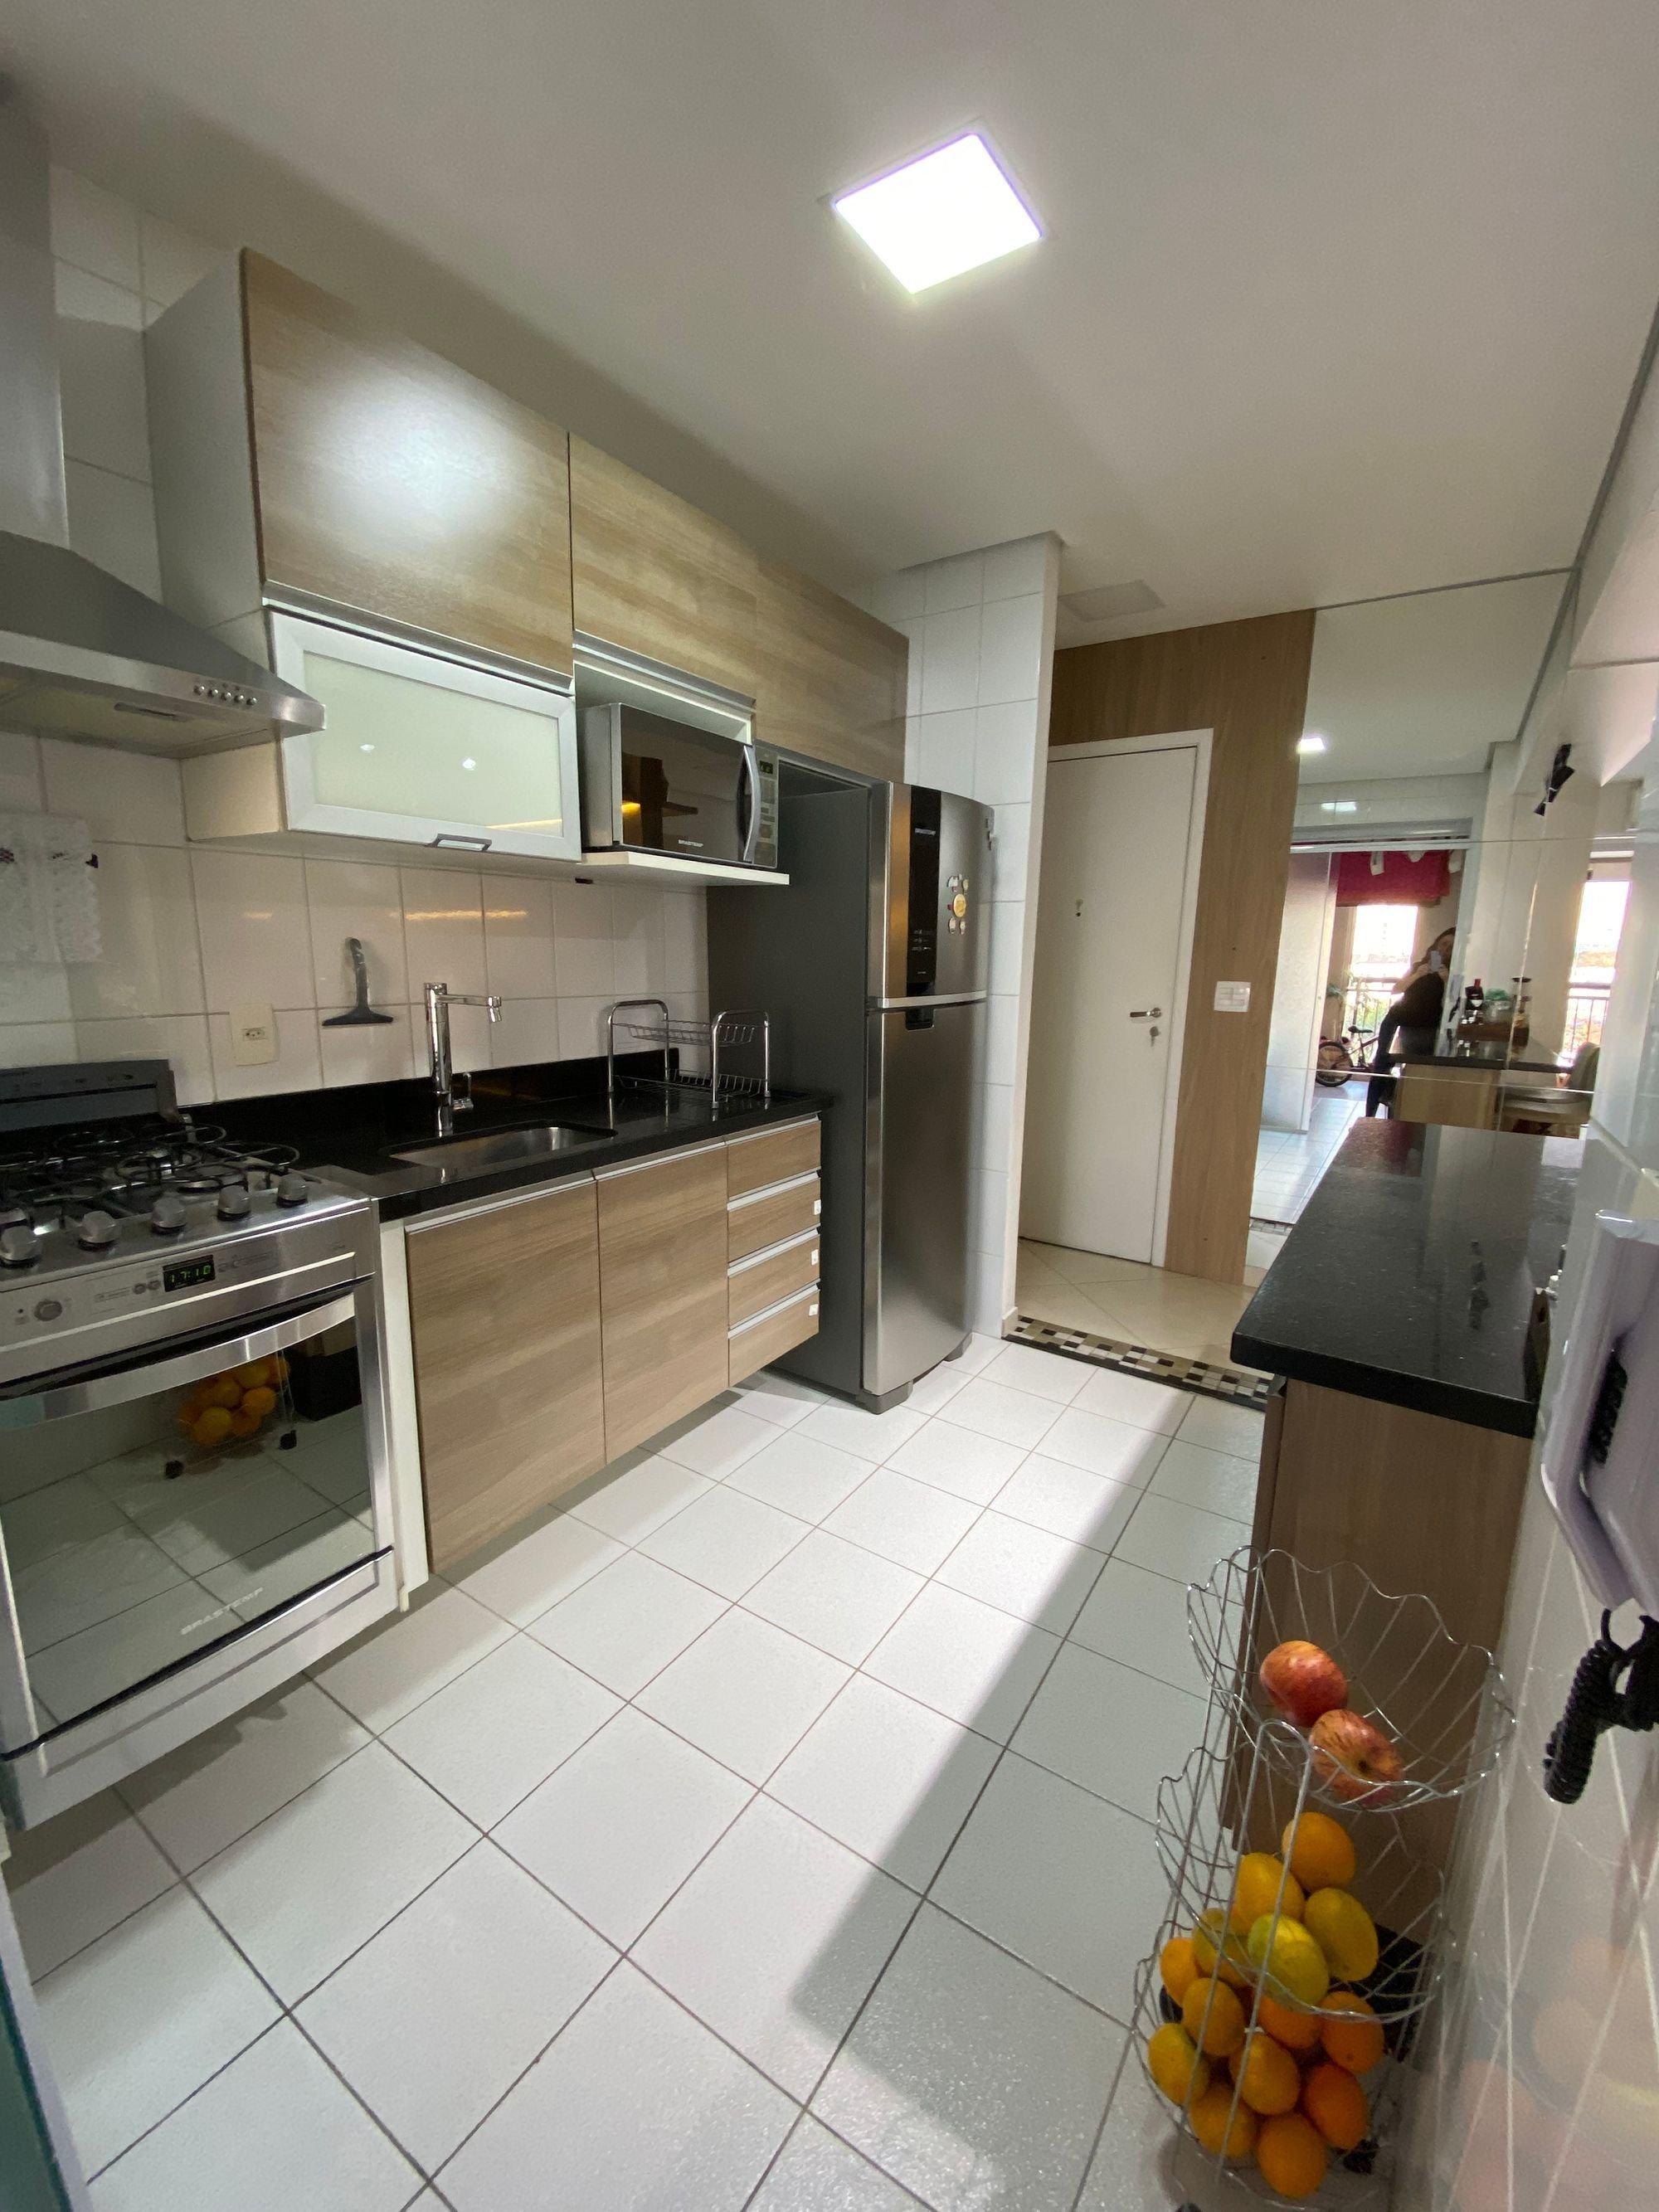 Foto de Cozinha com forno, geladeira, pessoa, microondas